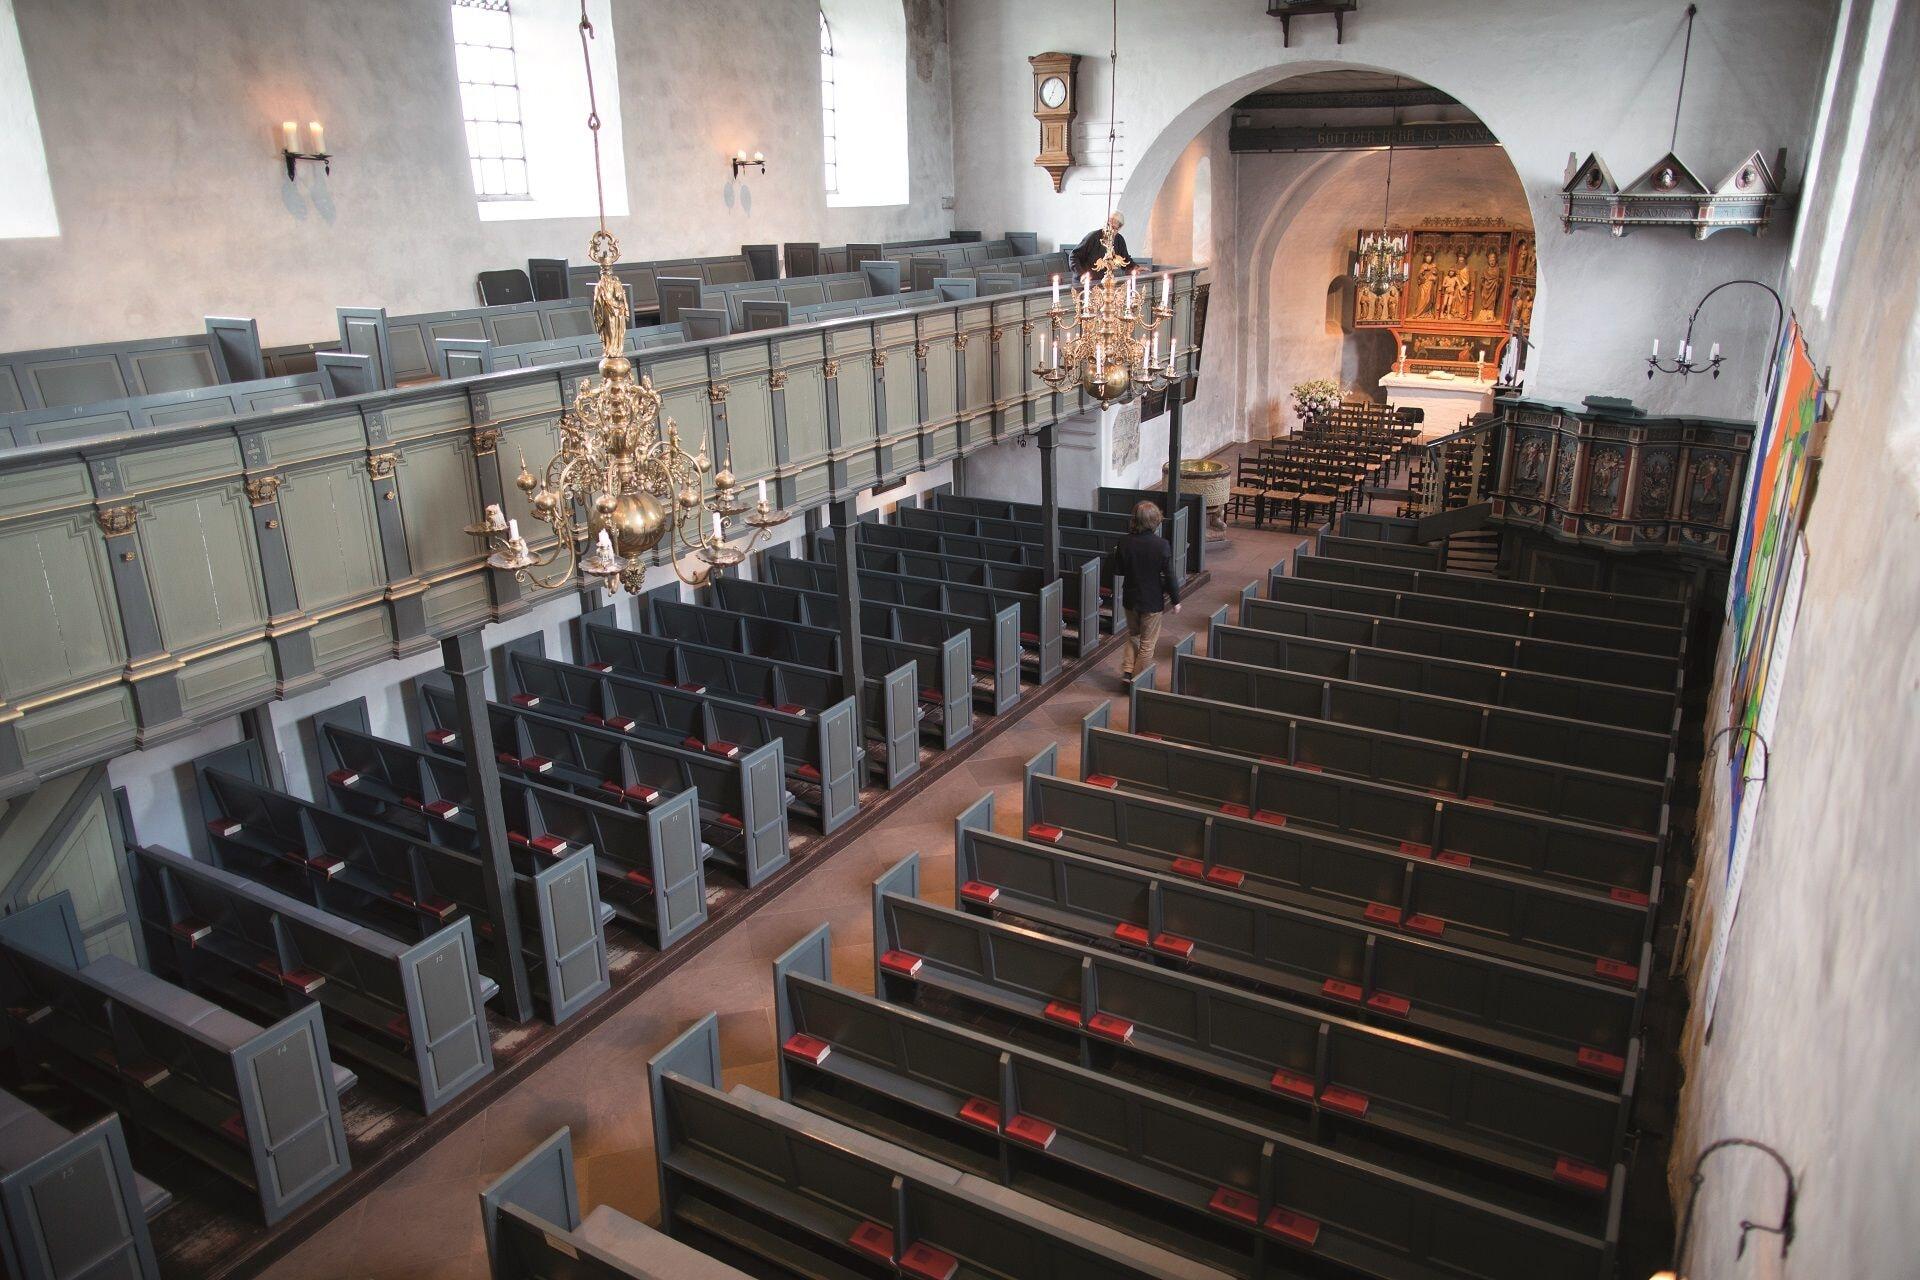 St-Severin-Kirche von Innen